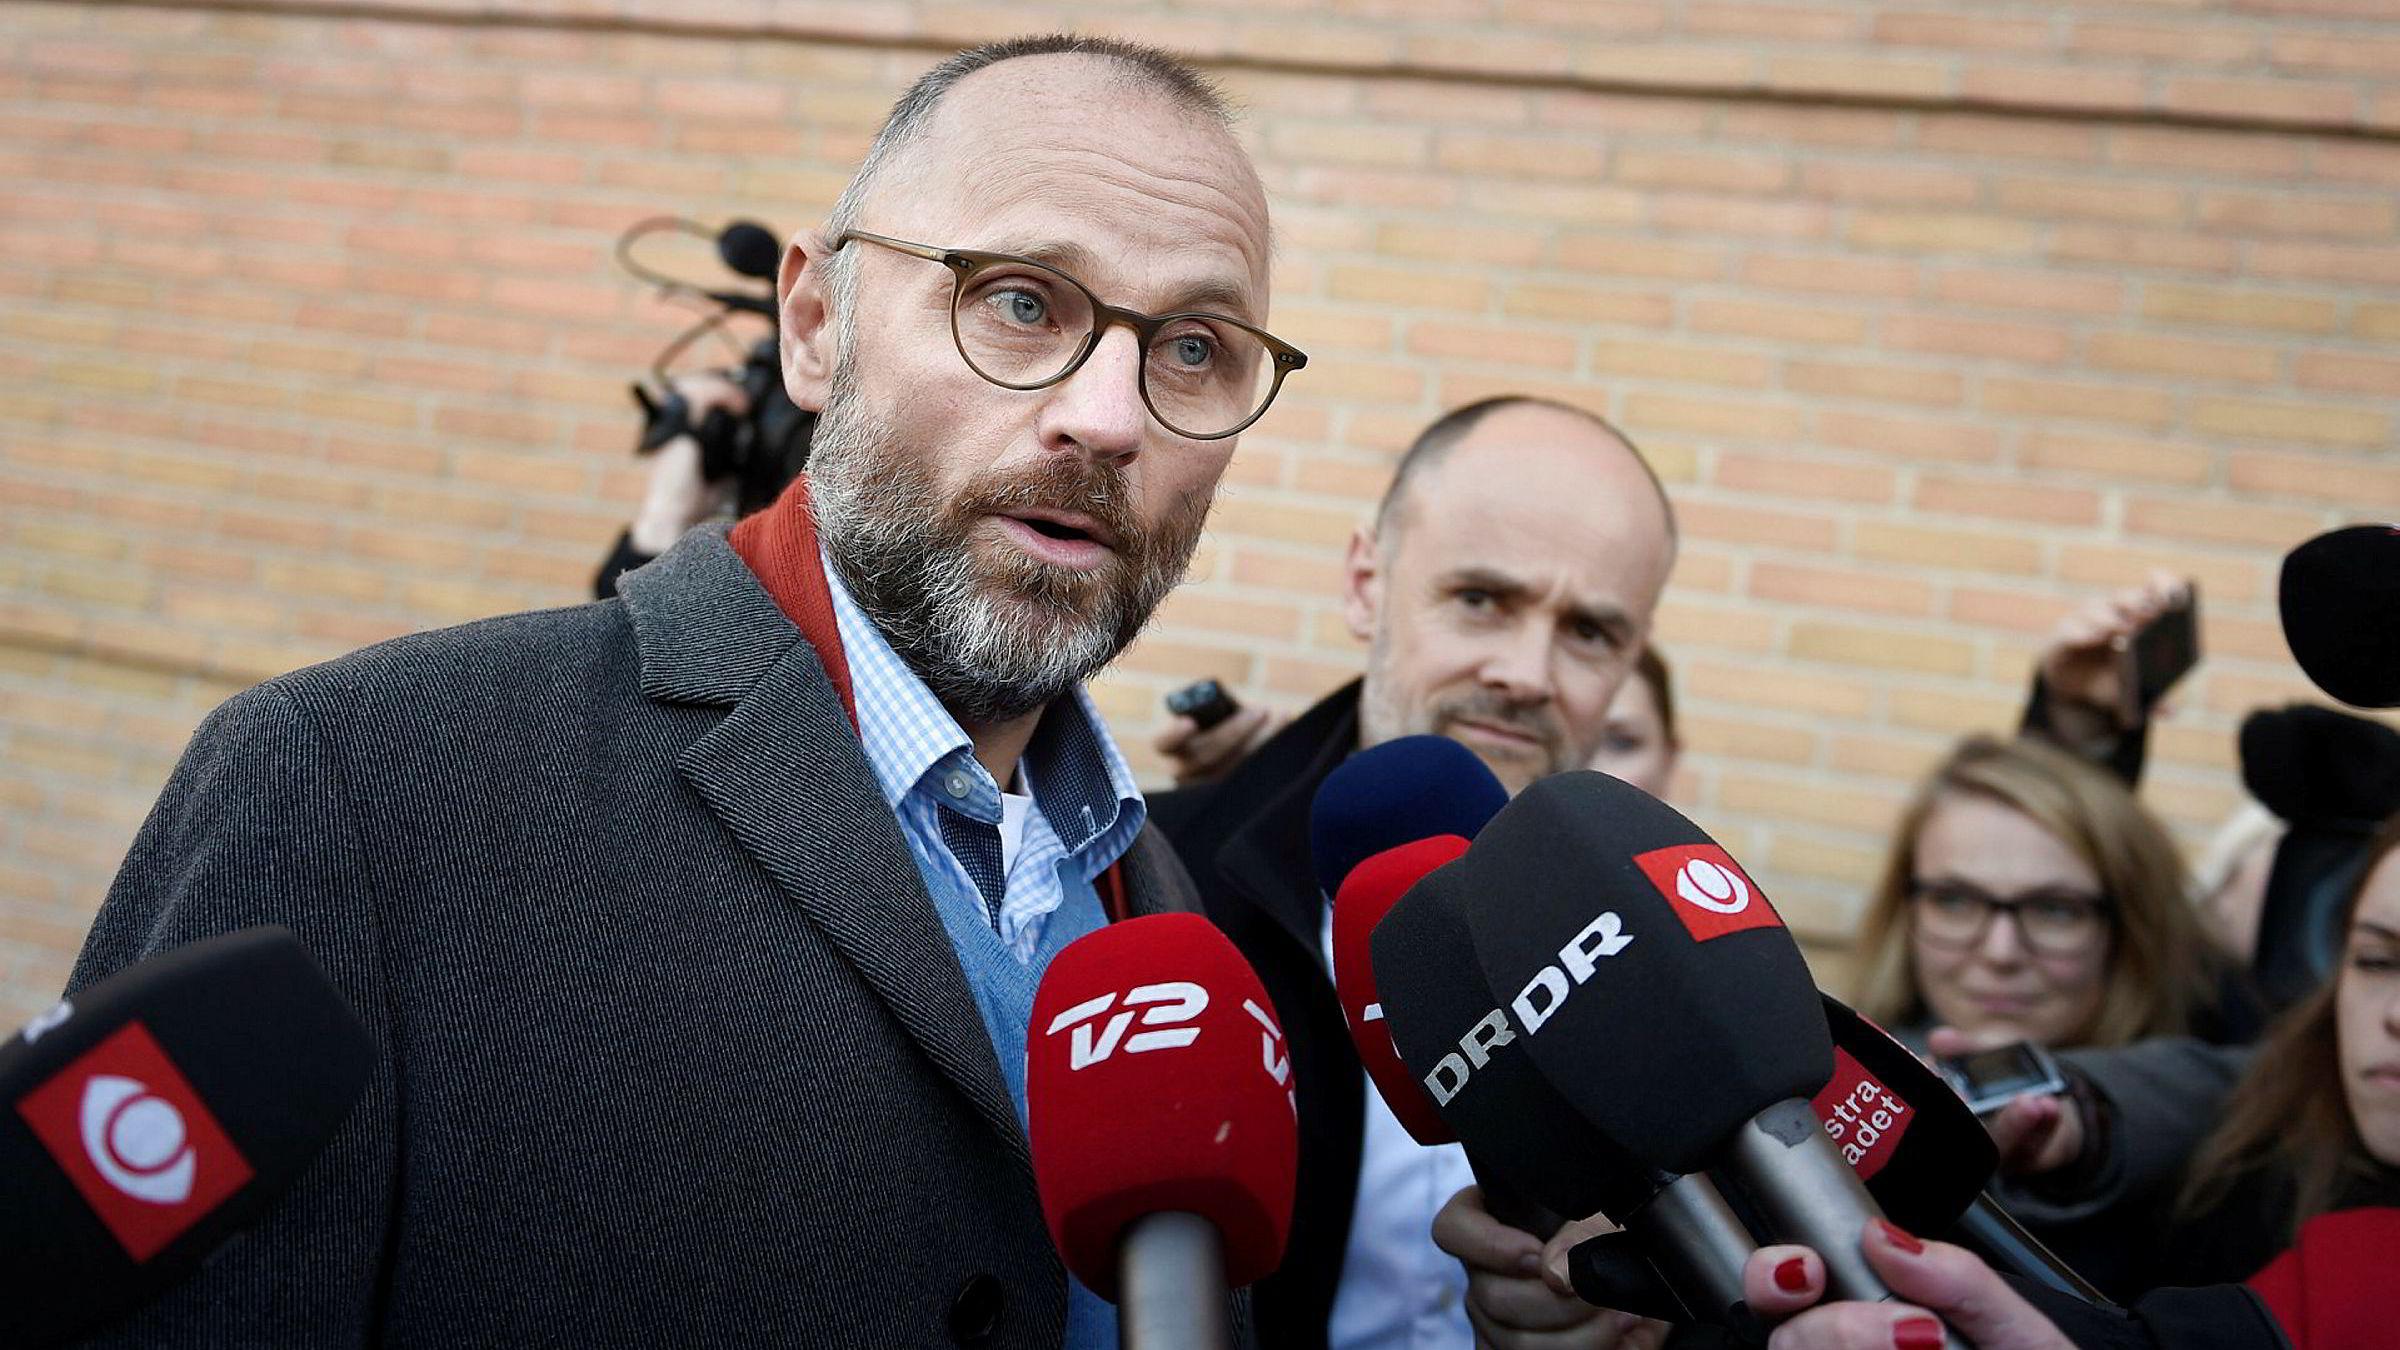 Tidligere sjefredaktør i danske Se og Hør, Henrik Qvortrup, etter domsavsigelsen i retten i Glostrup torsdag.